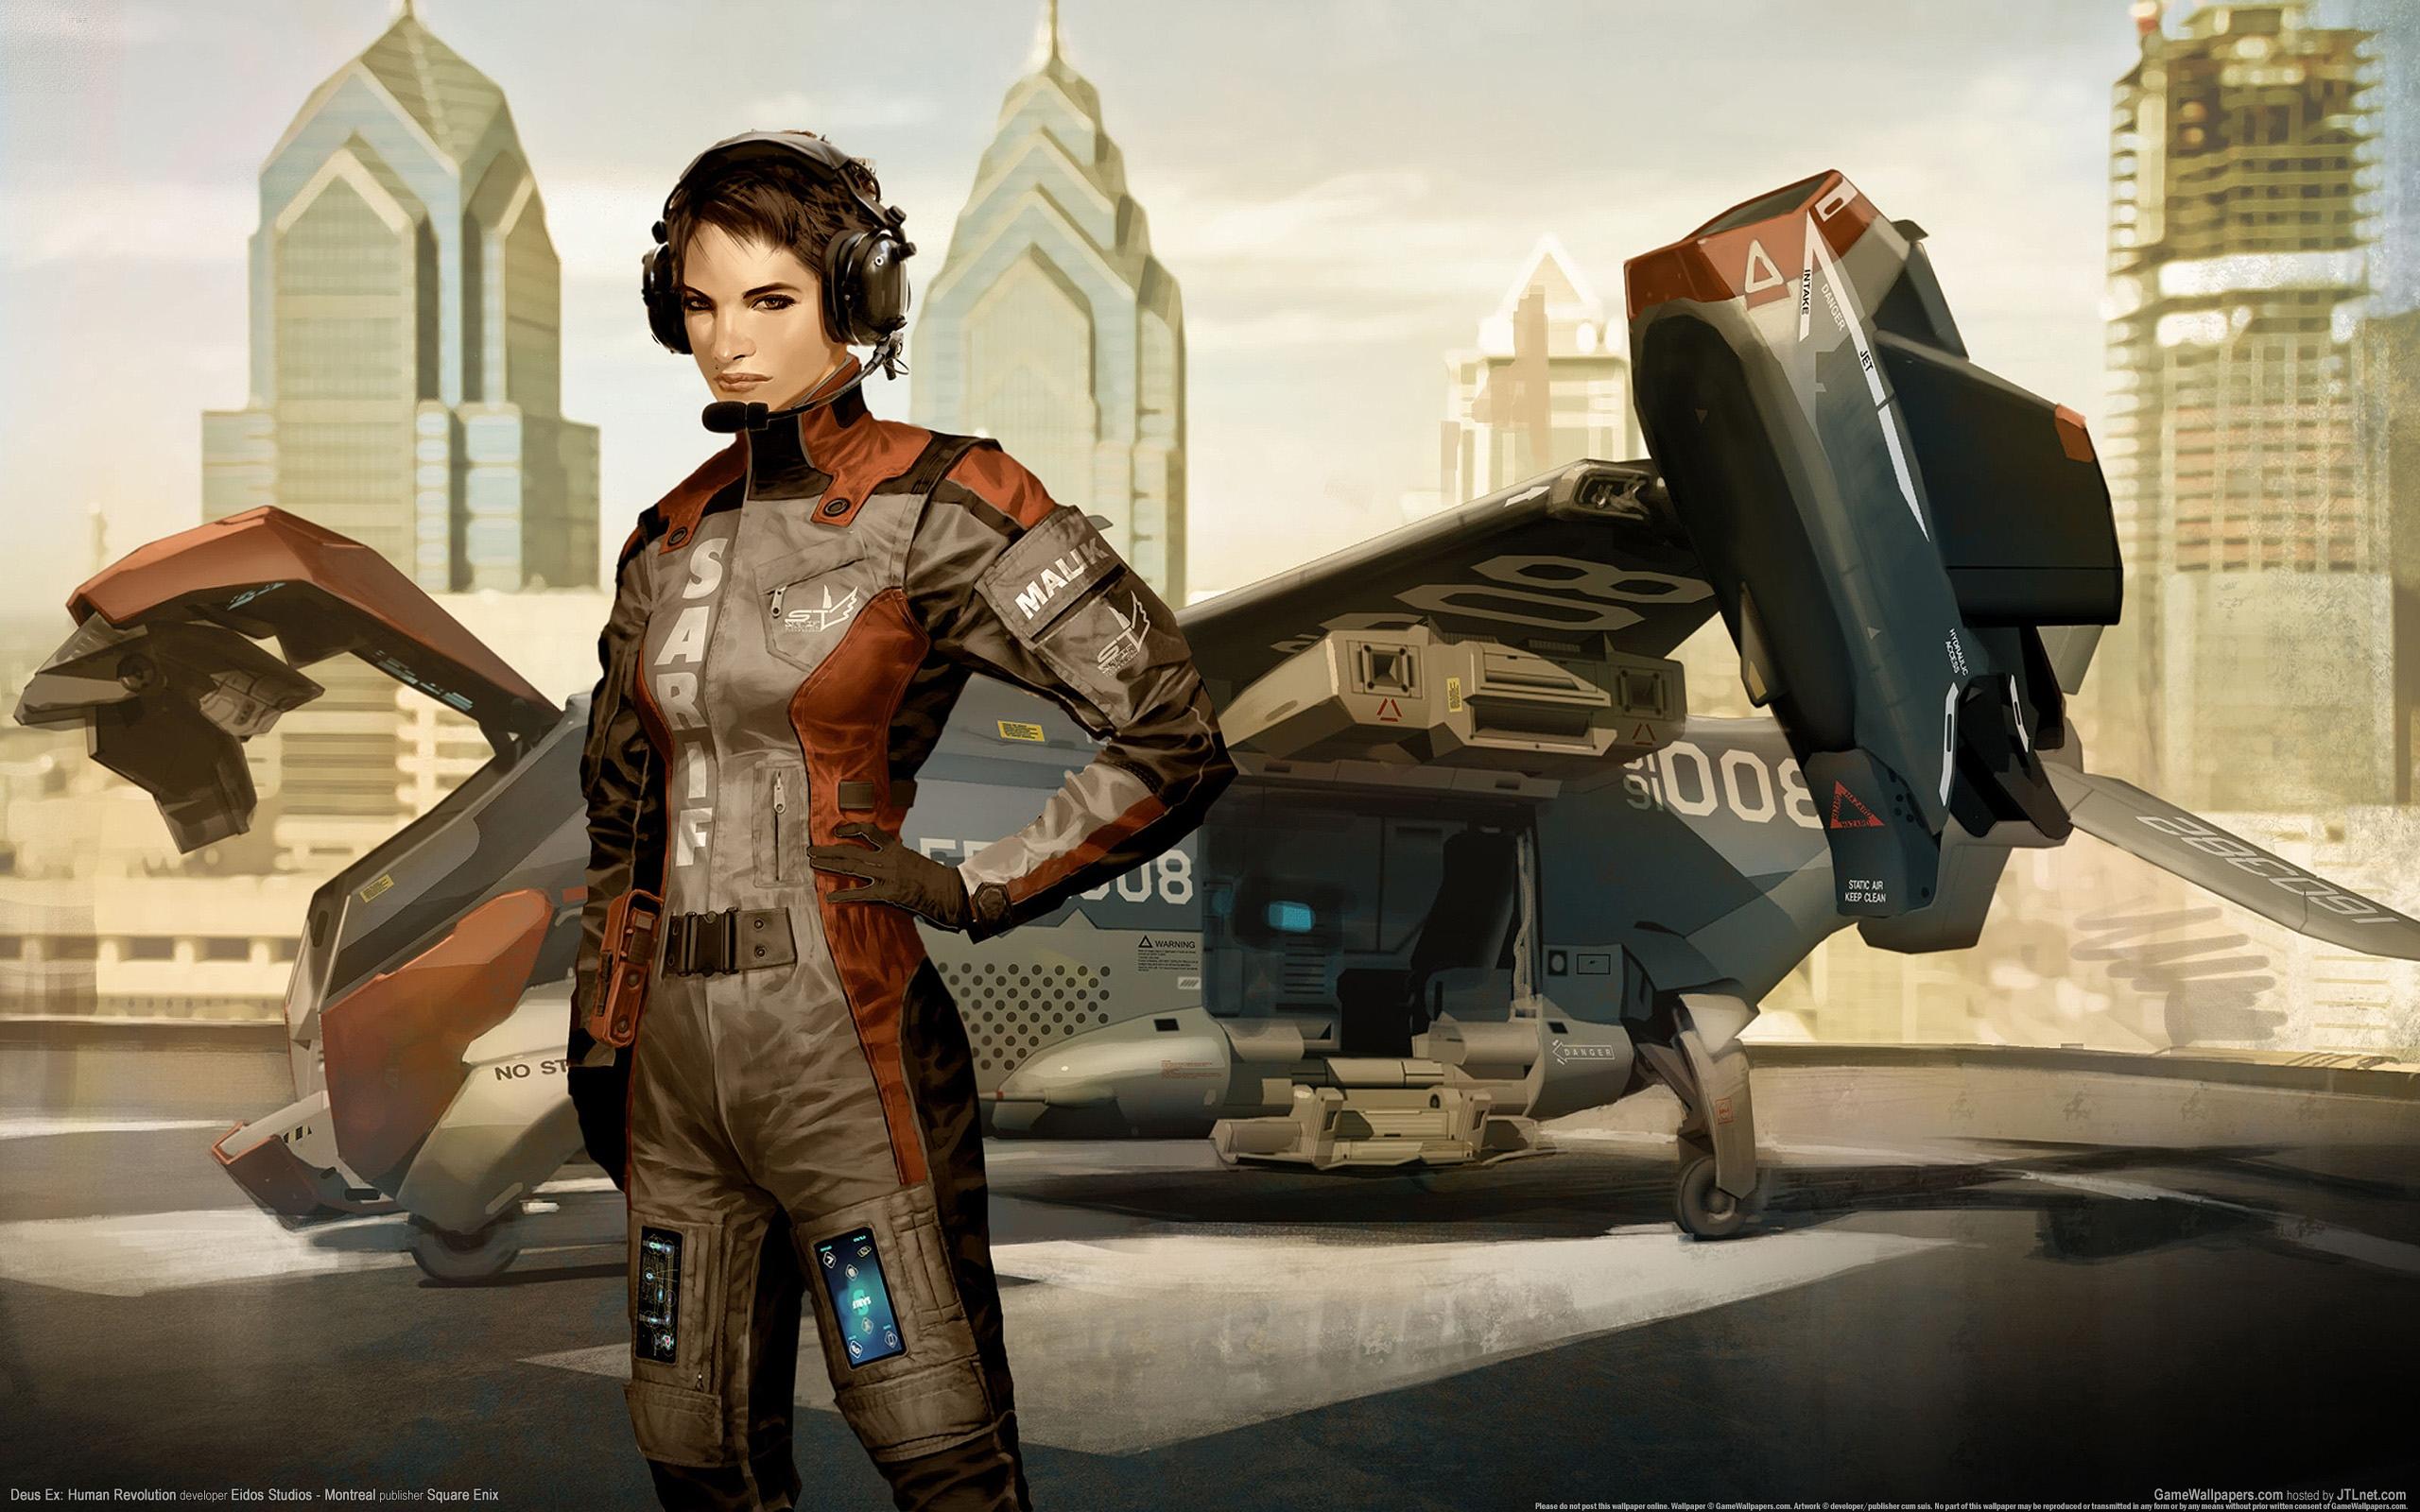 Скачать изображение игра, арт, графика, девушка, самолет, пилот